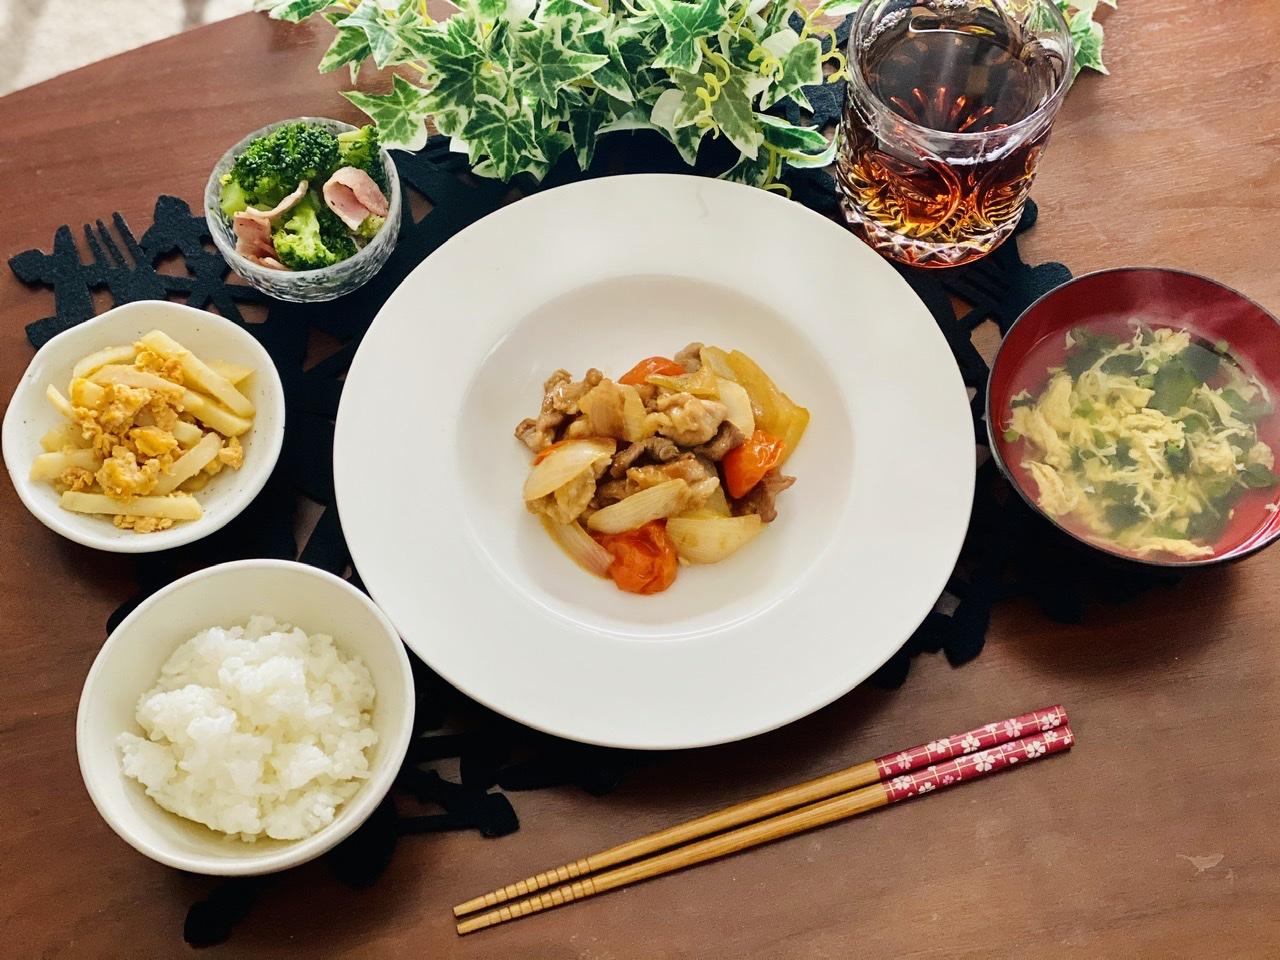 【今月のお家ごはん】アラサー女子の食卓!作り置きおかずでラク晩ご飯♡-Vol.13-_9